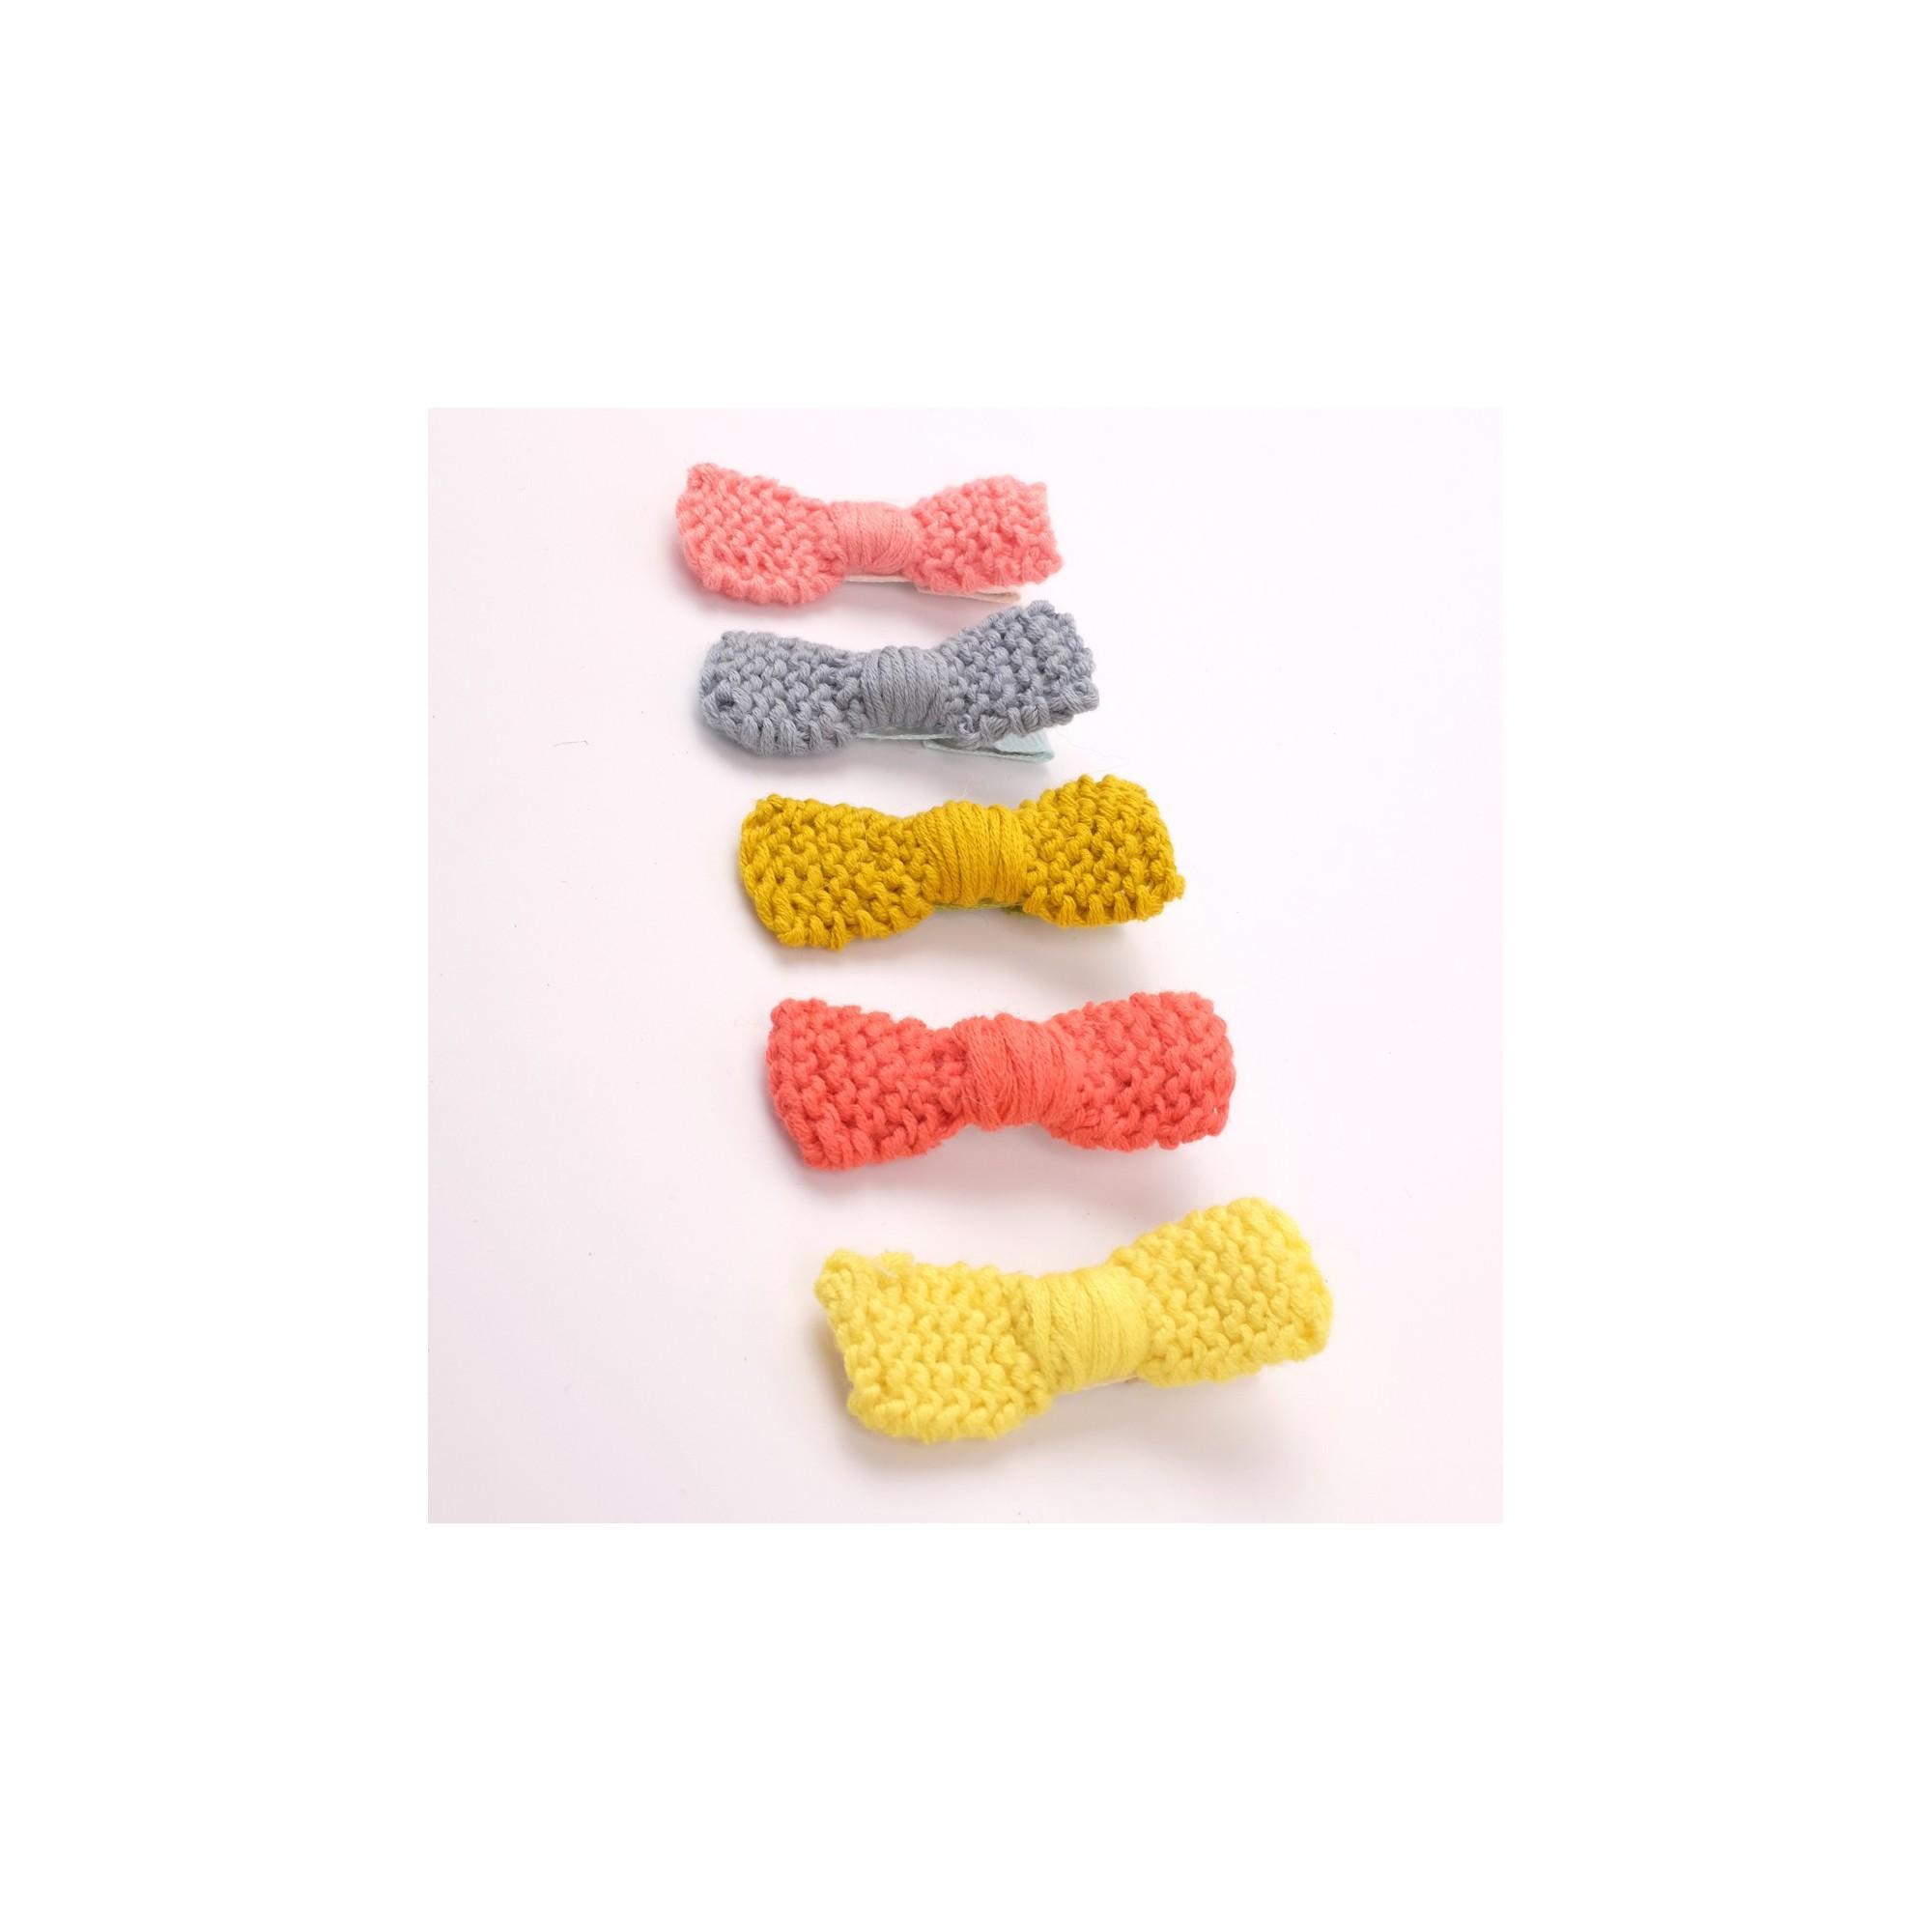 Barrette noeud tricotée divers coloris